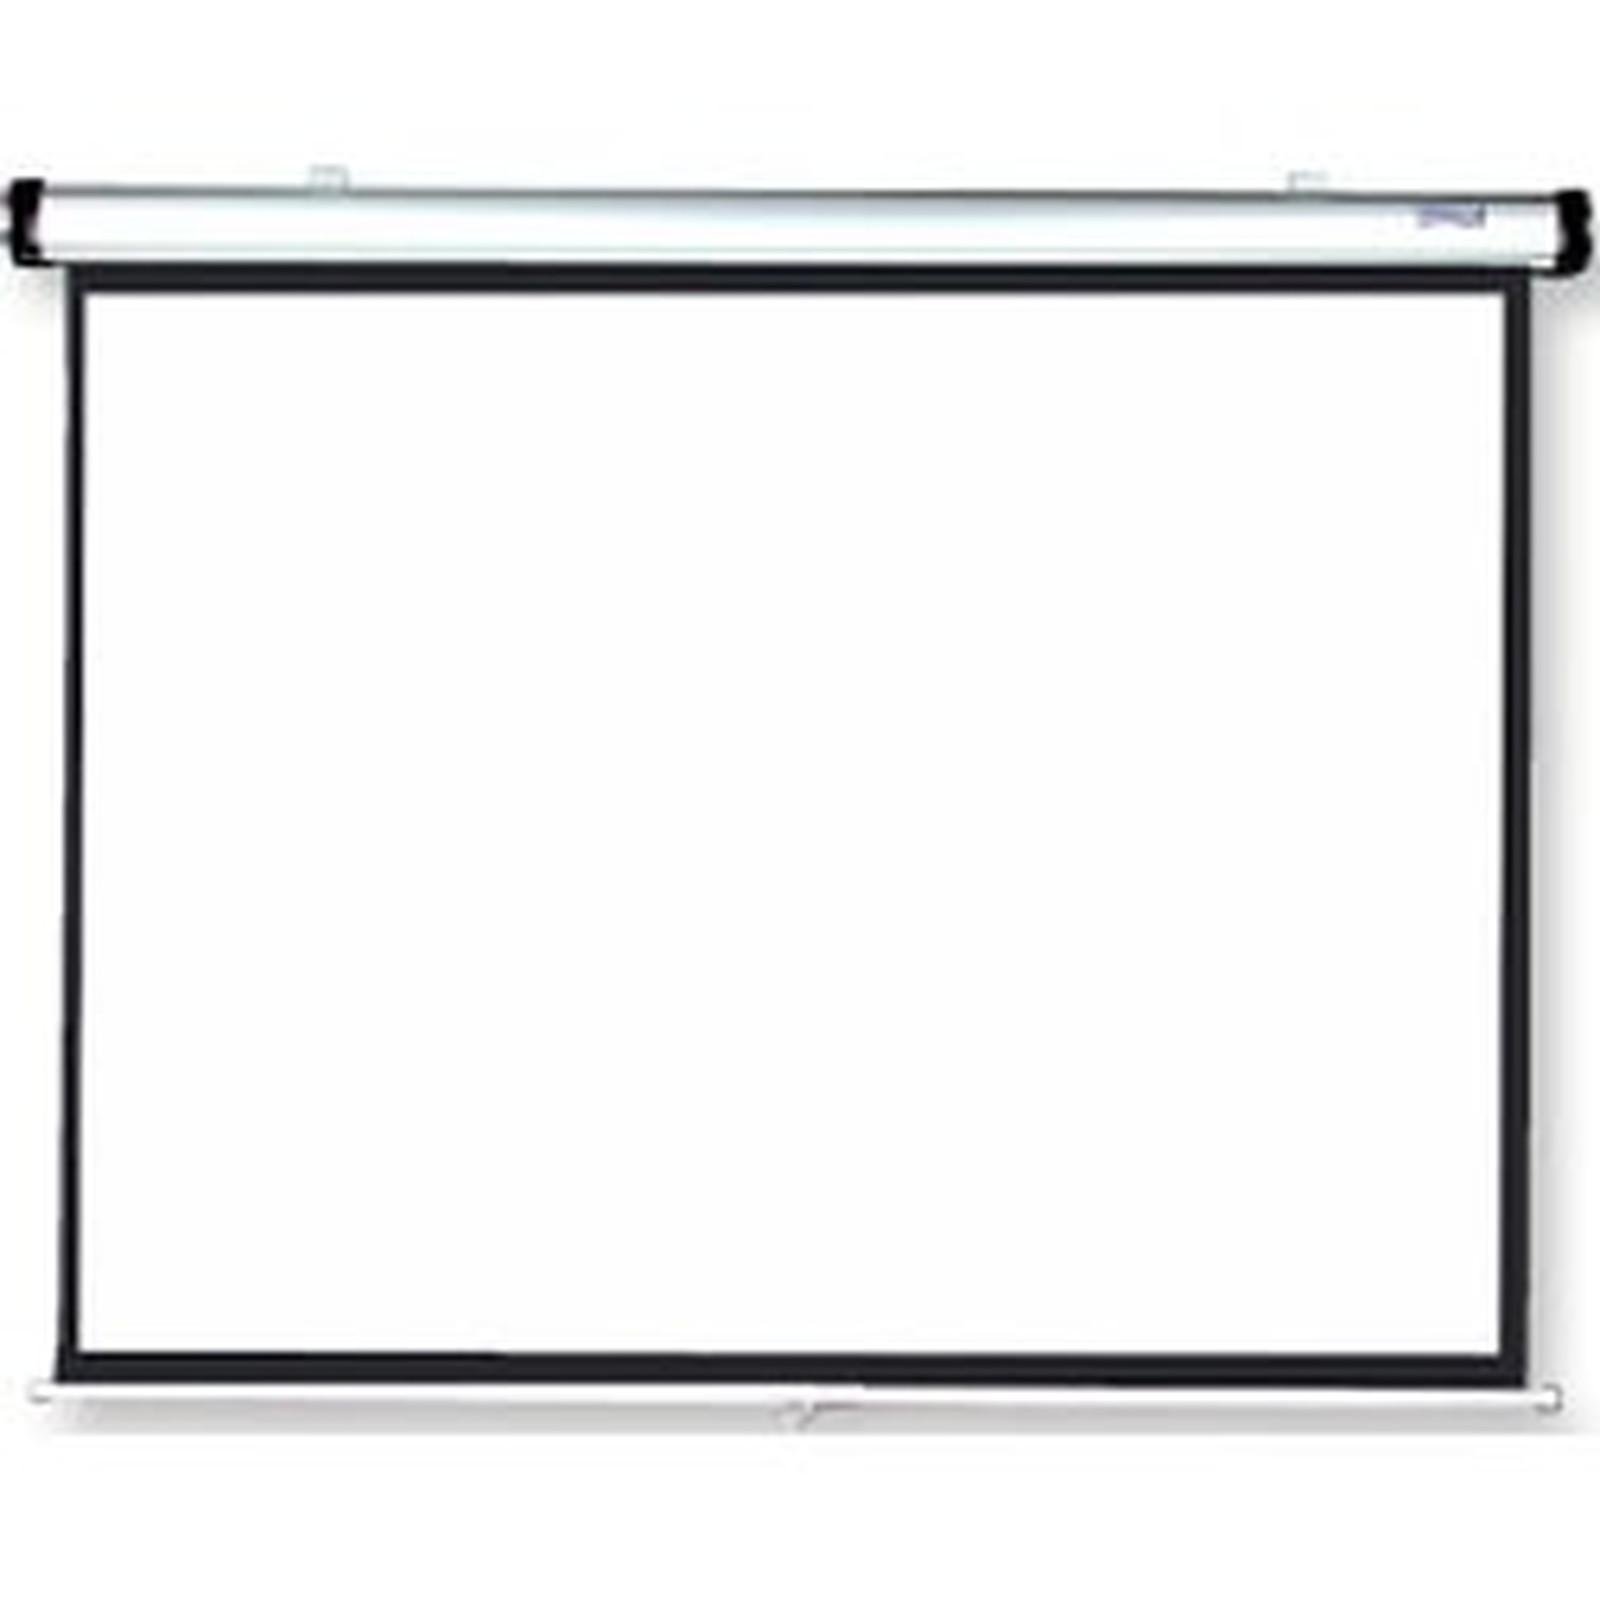 Procolor CARTER-SCREEN CSR - Ecran manuel - Format 16:9 - 238x136 cm